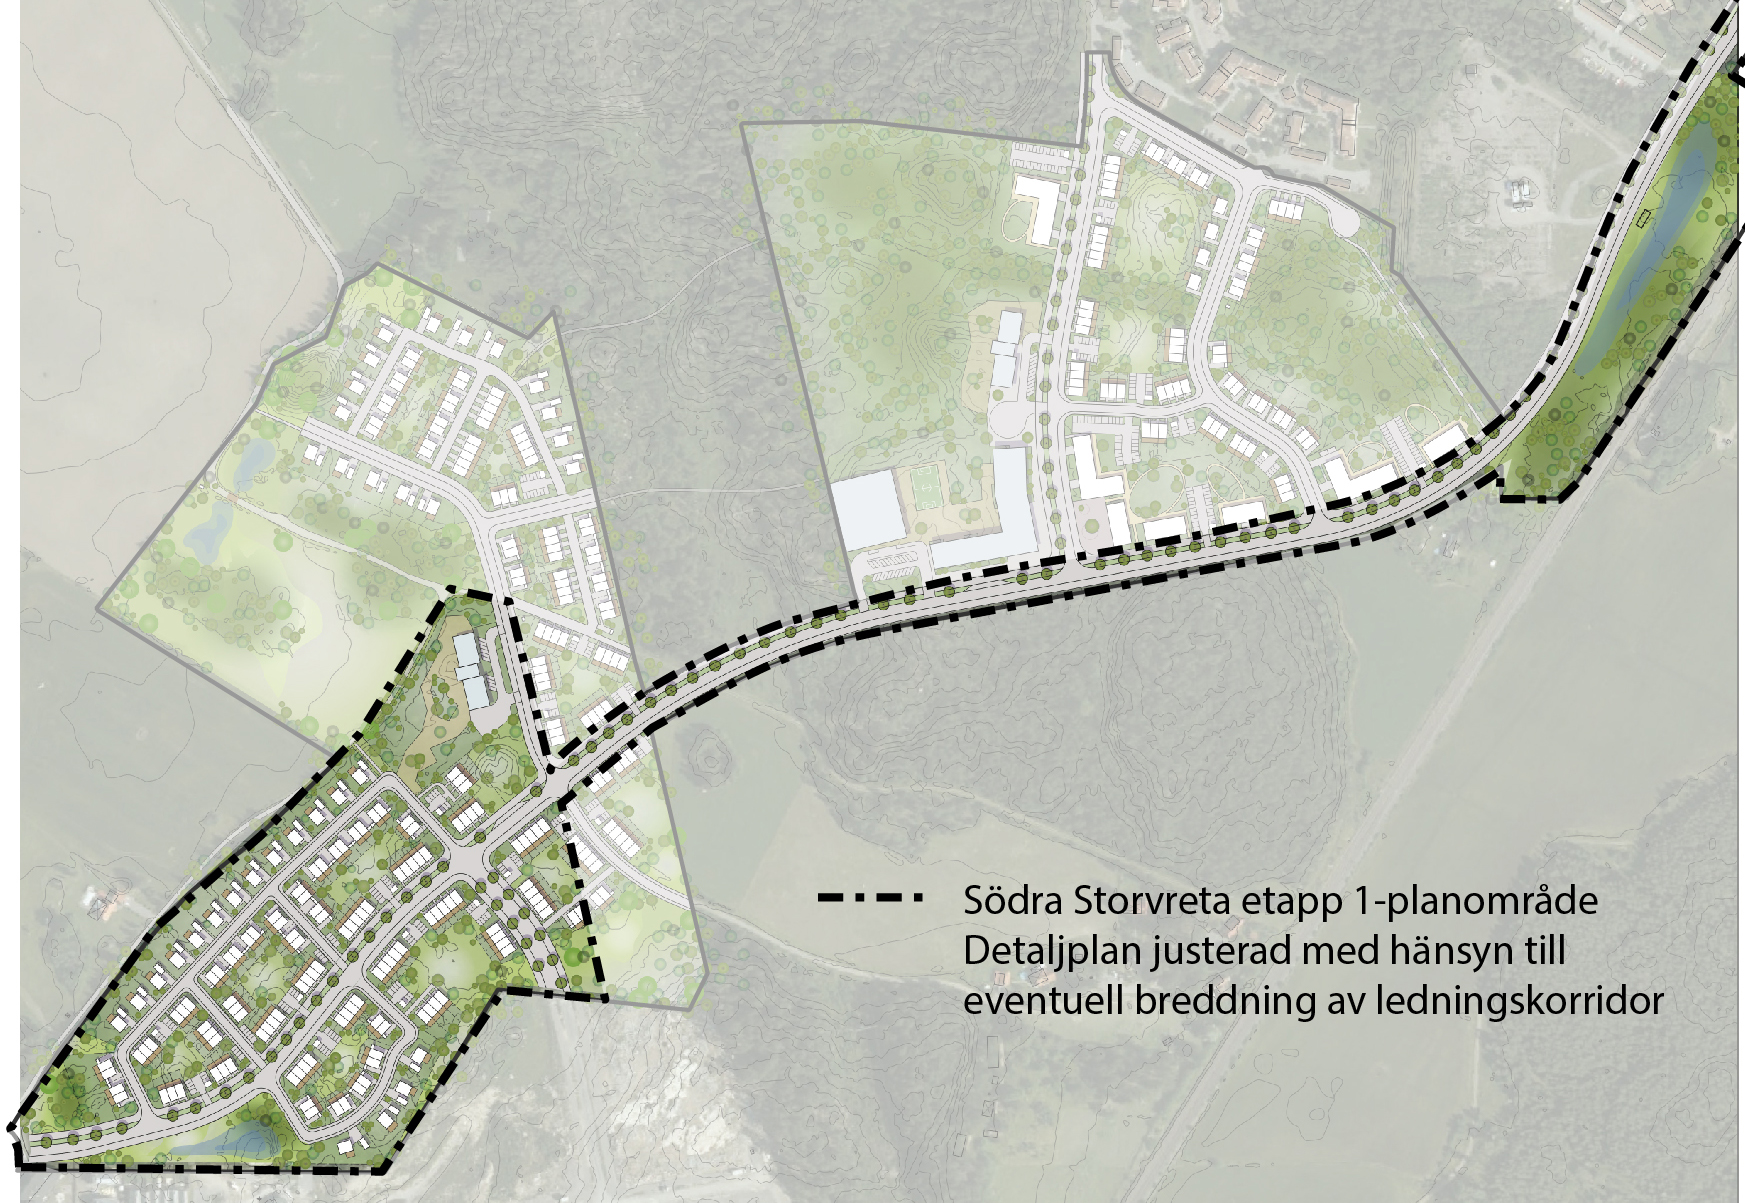 Delar av planläggningen för Södra Storvreta – etapp 1 pausas